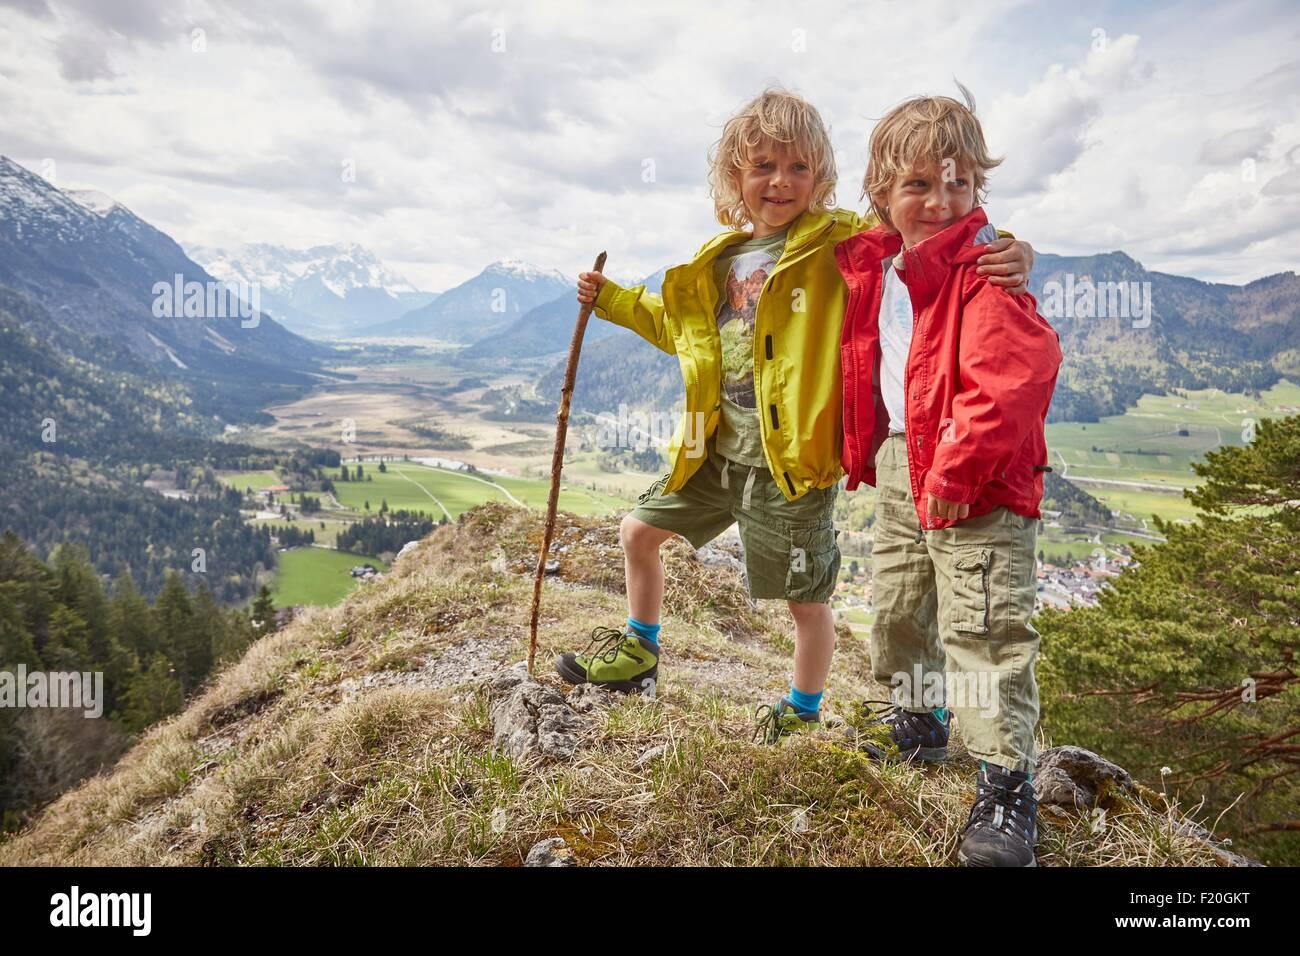 Ritratto di due giovani ragazzi, permanente sulla collina, Garmisch-Partenkirchen, Baviera, Germania Immagini Stock